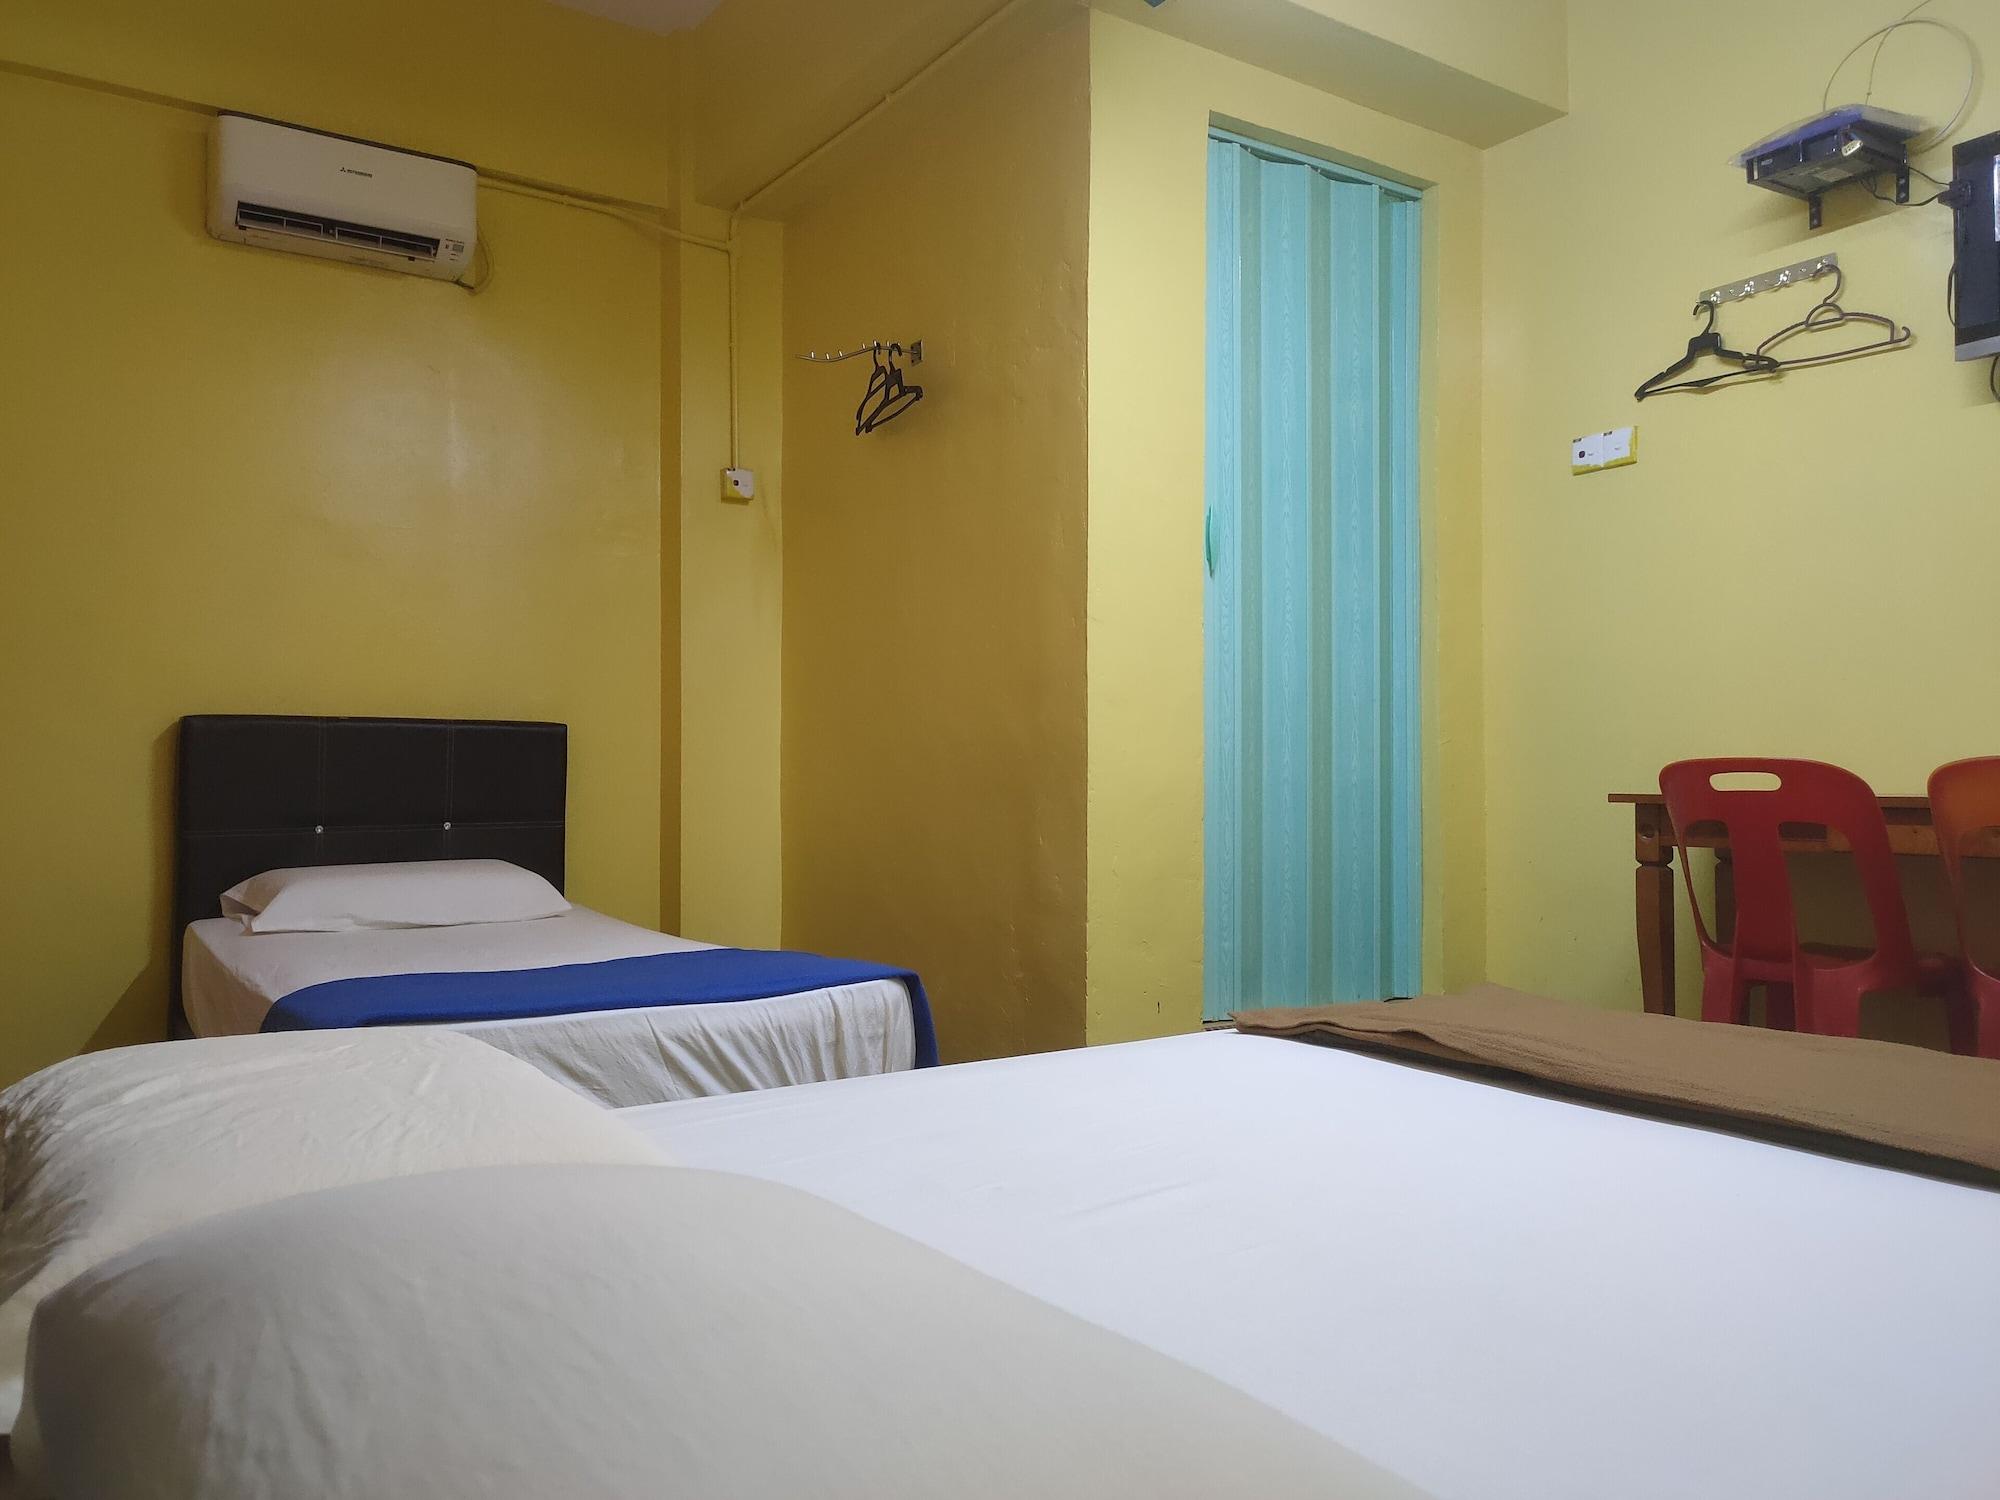 OYO 90056 Hotel Usaha, Gua Musang